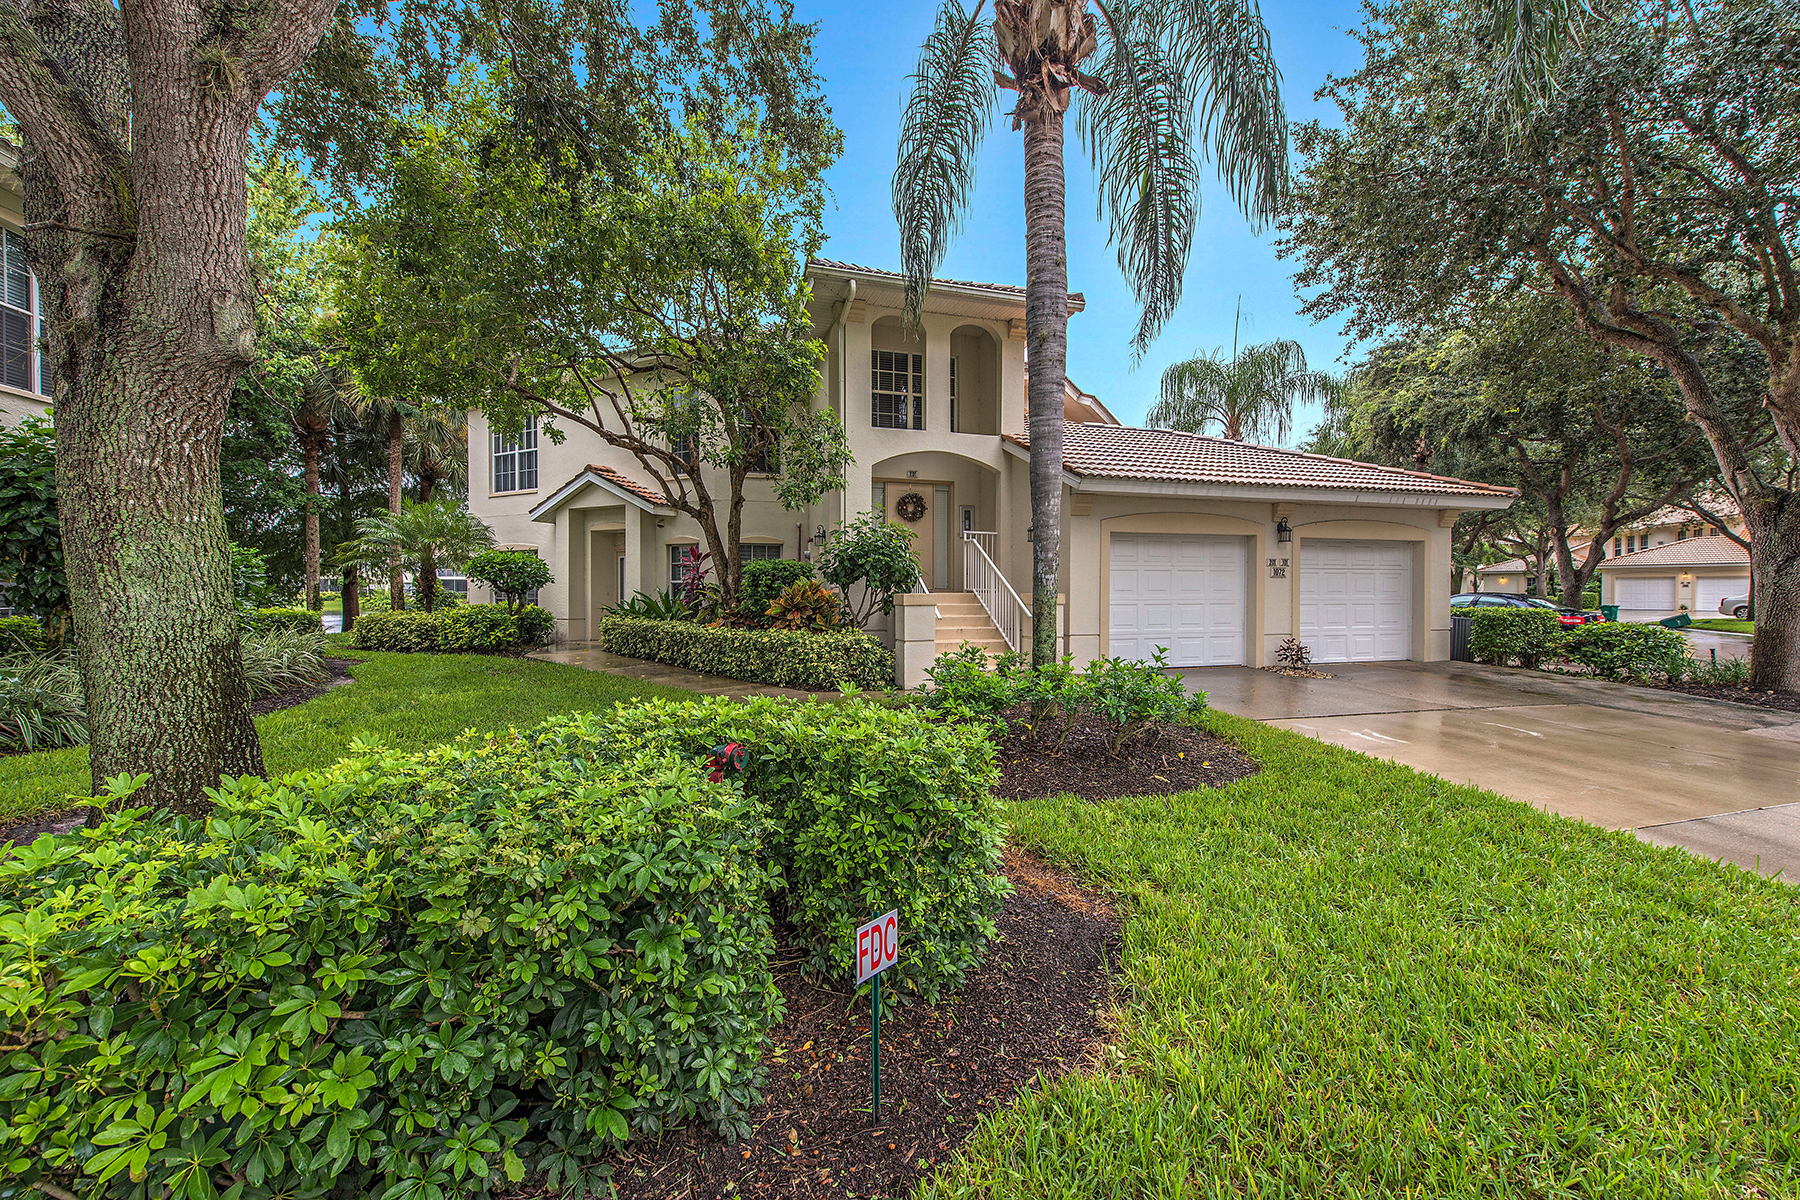 共管式独立产权公寓 为 销售 在 PELICAN MARSH 1072 Egrets Walk Cir 102 Naples, 佛罗里达州 34108 美国